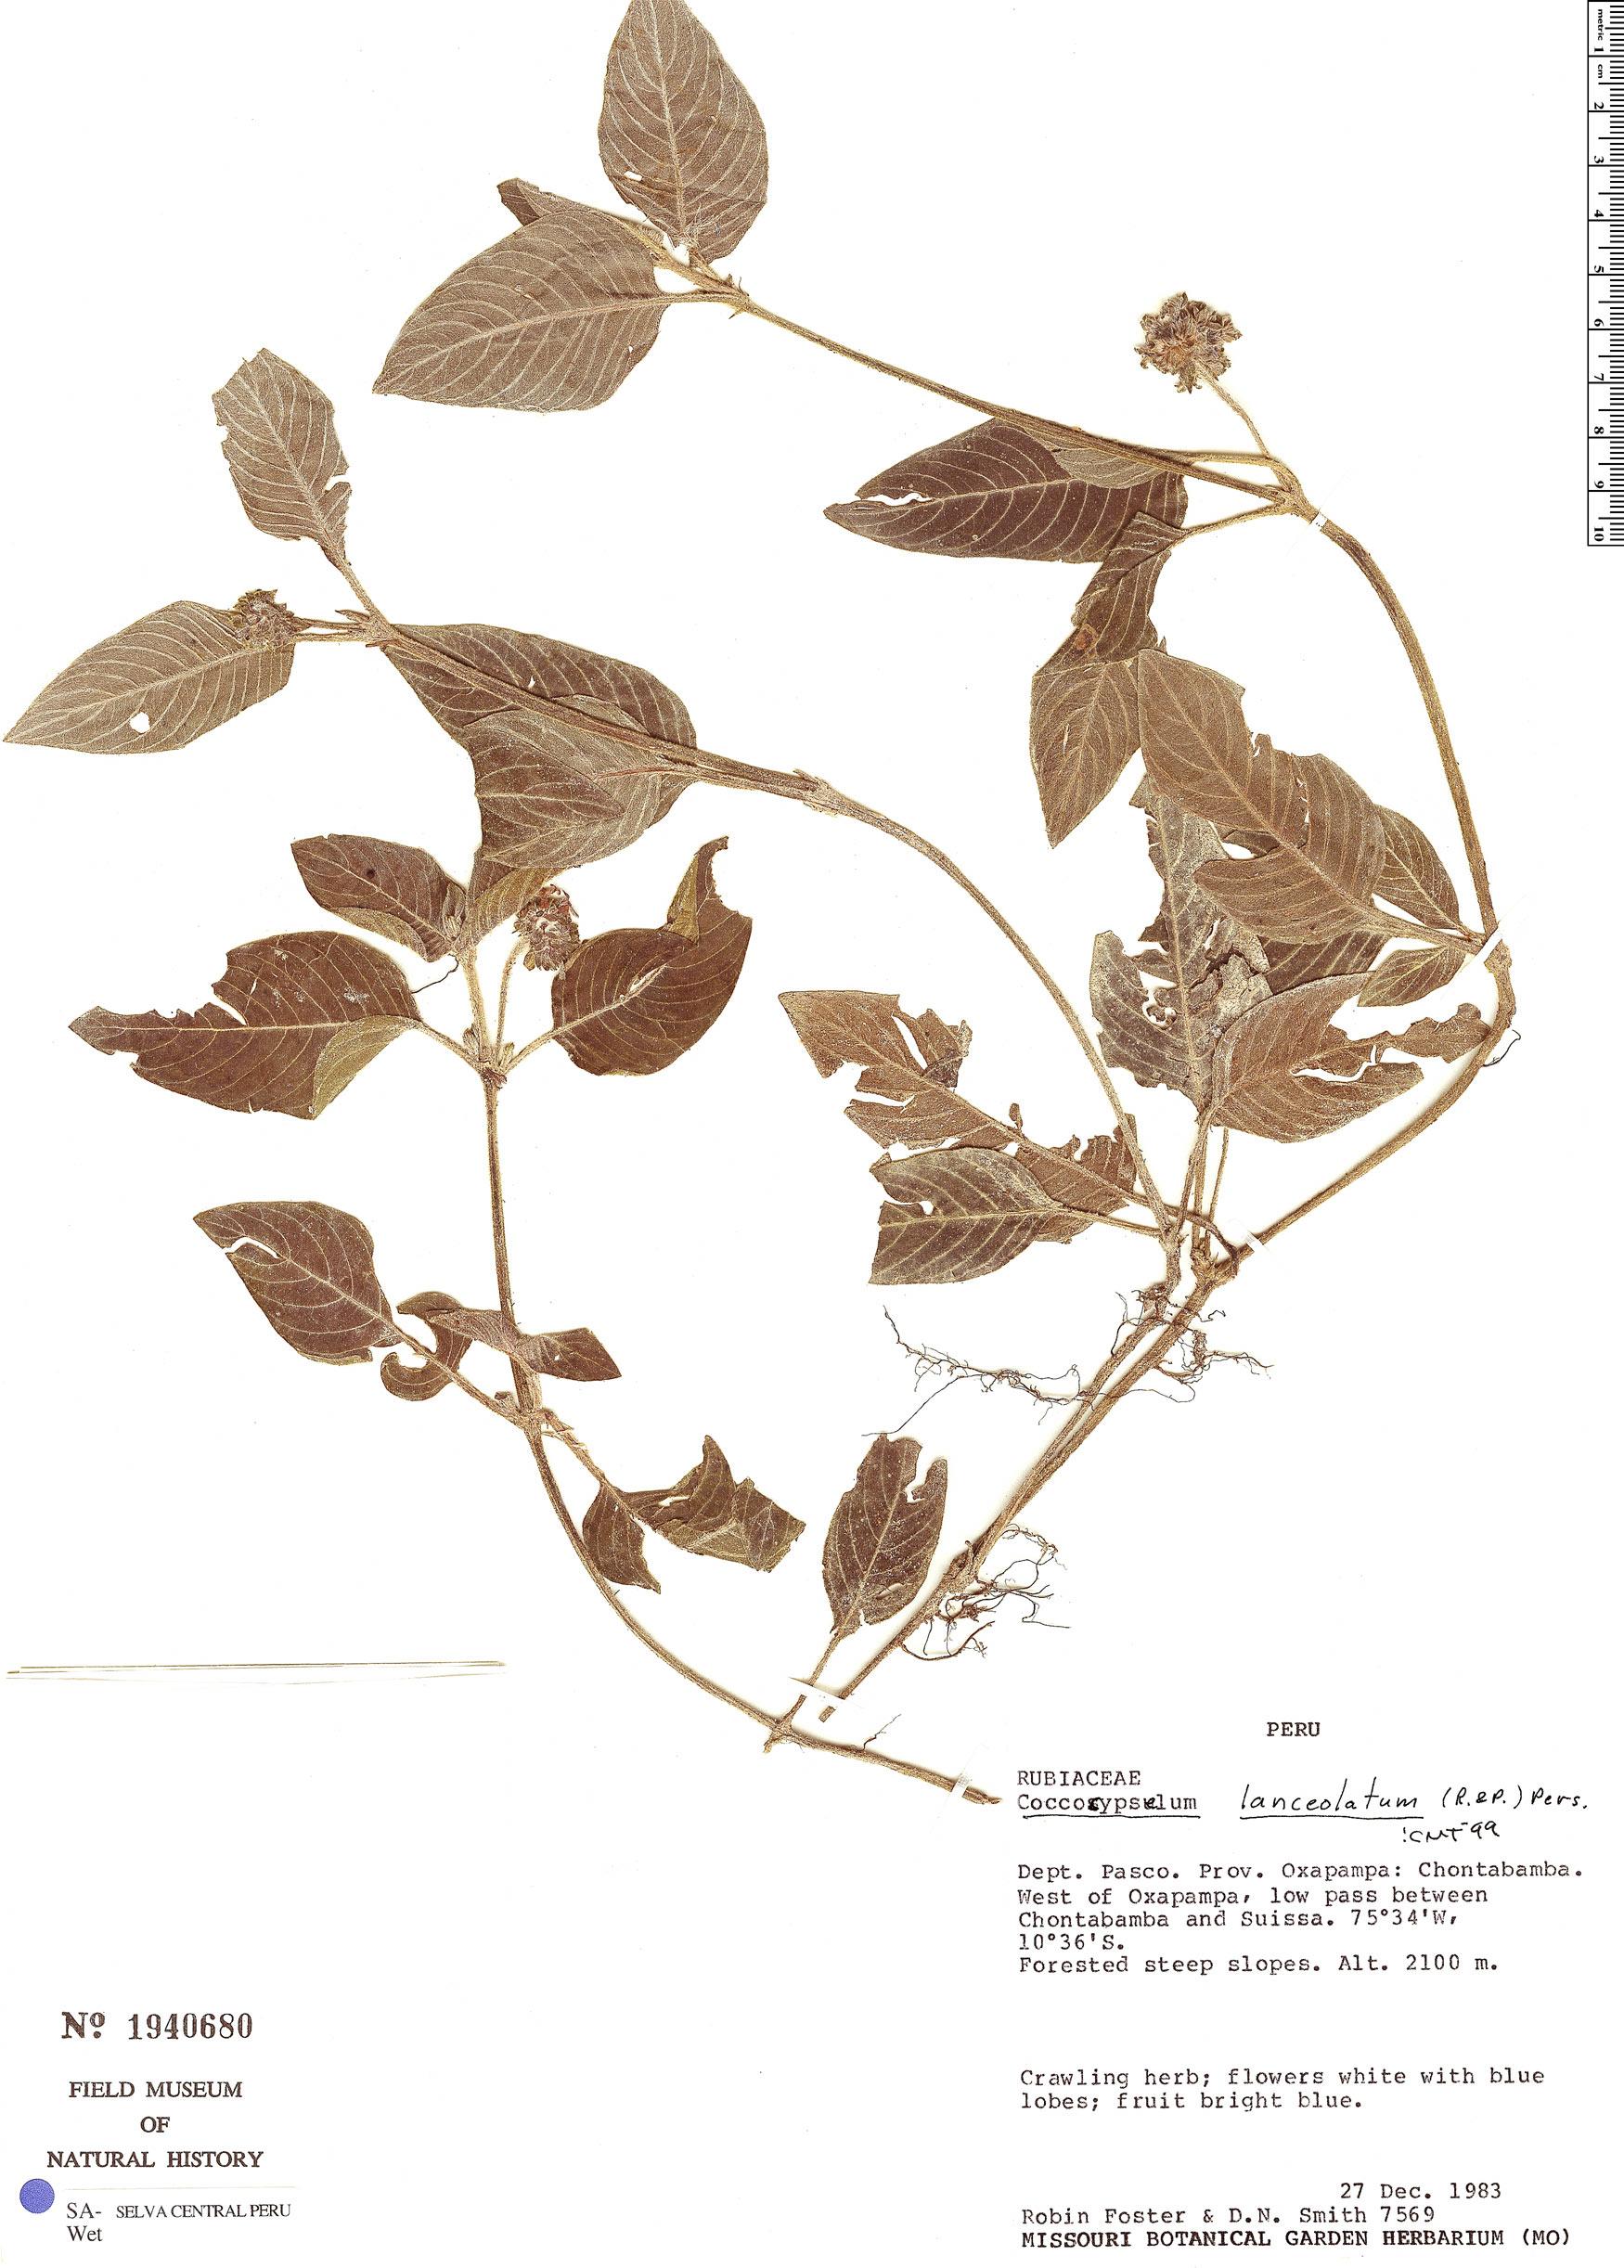 Specimen: Coccocypselum lanceolatum